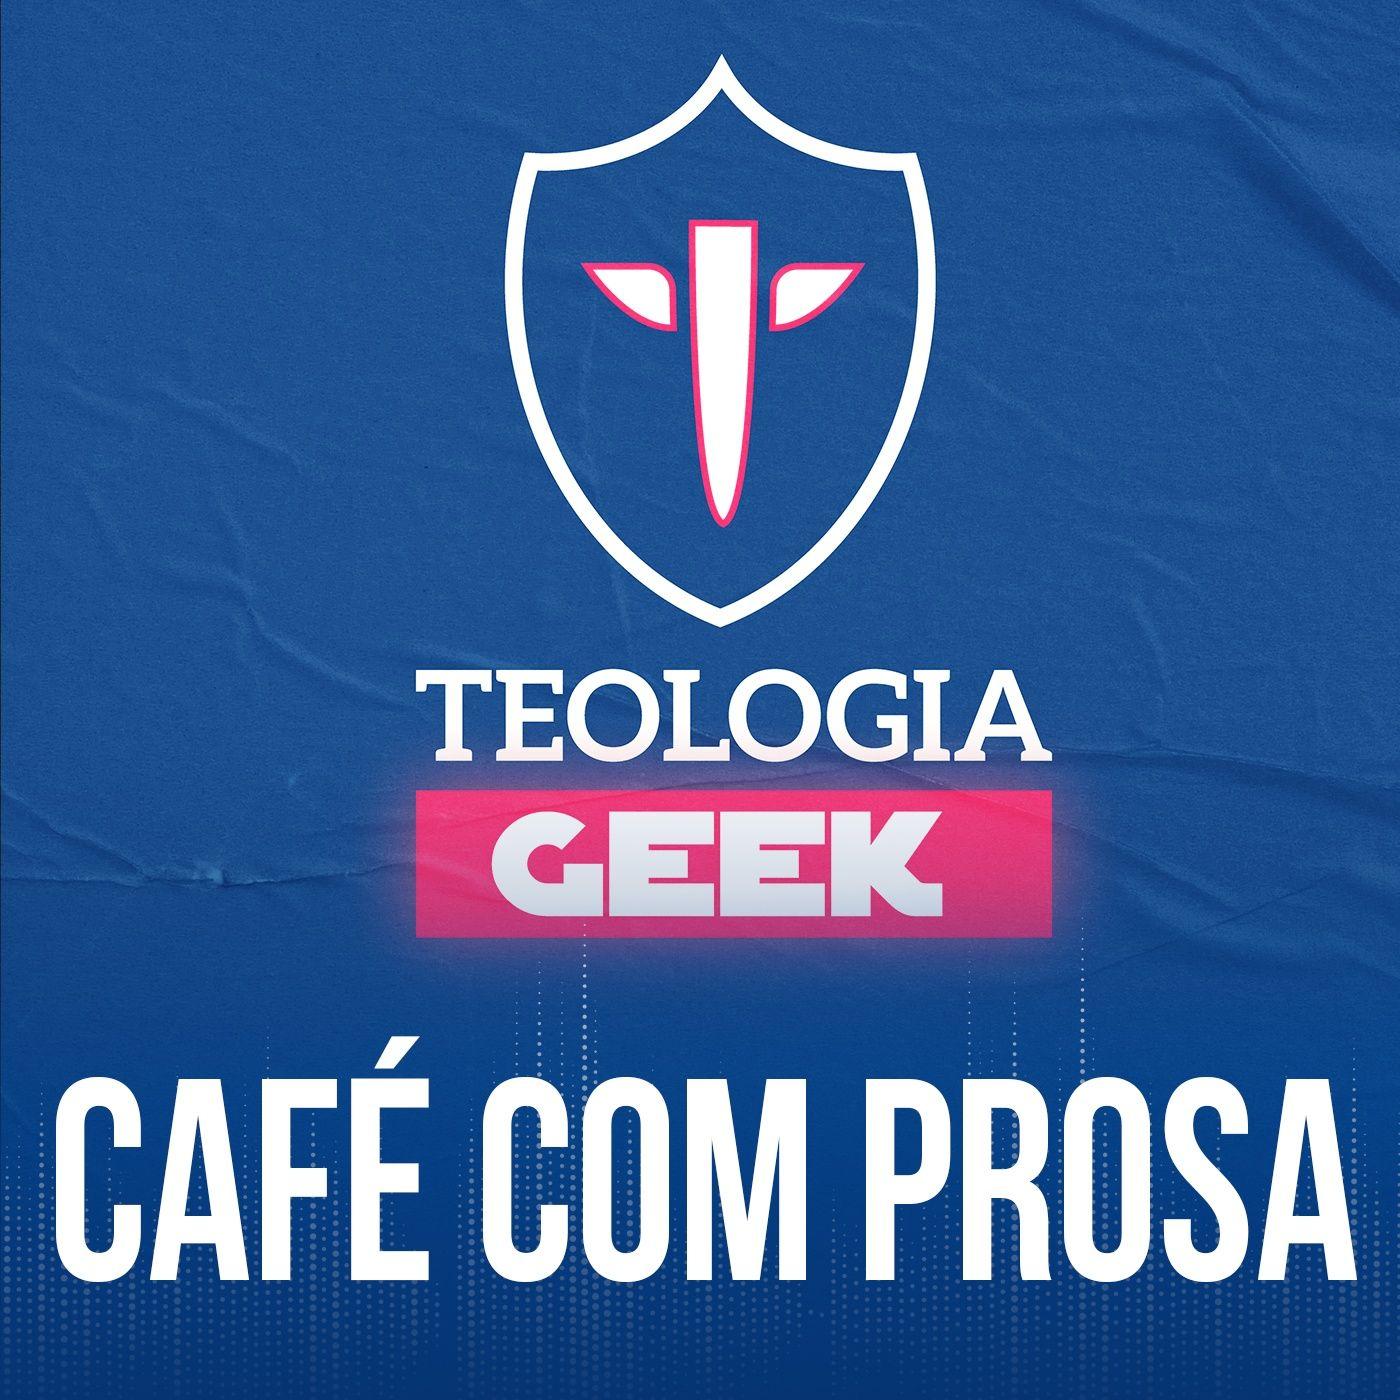 Teologia Geek | Café com prosa